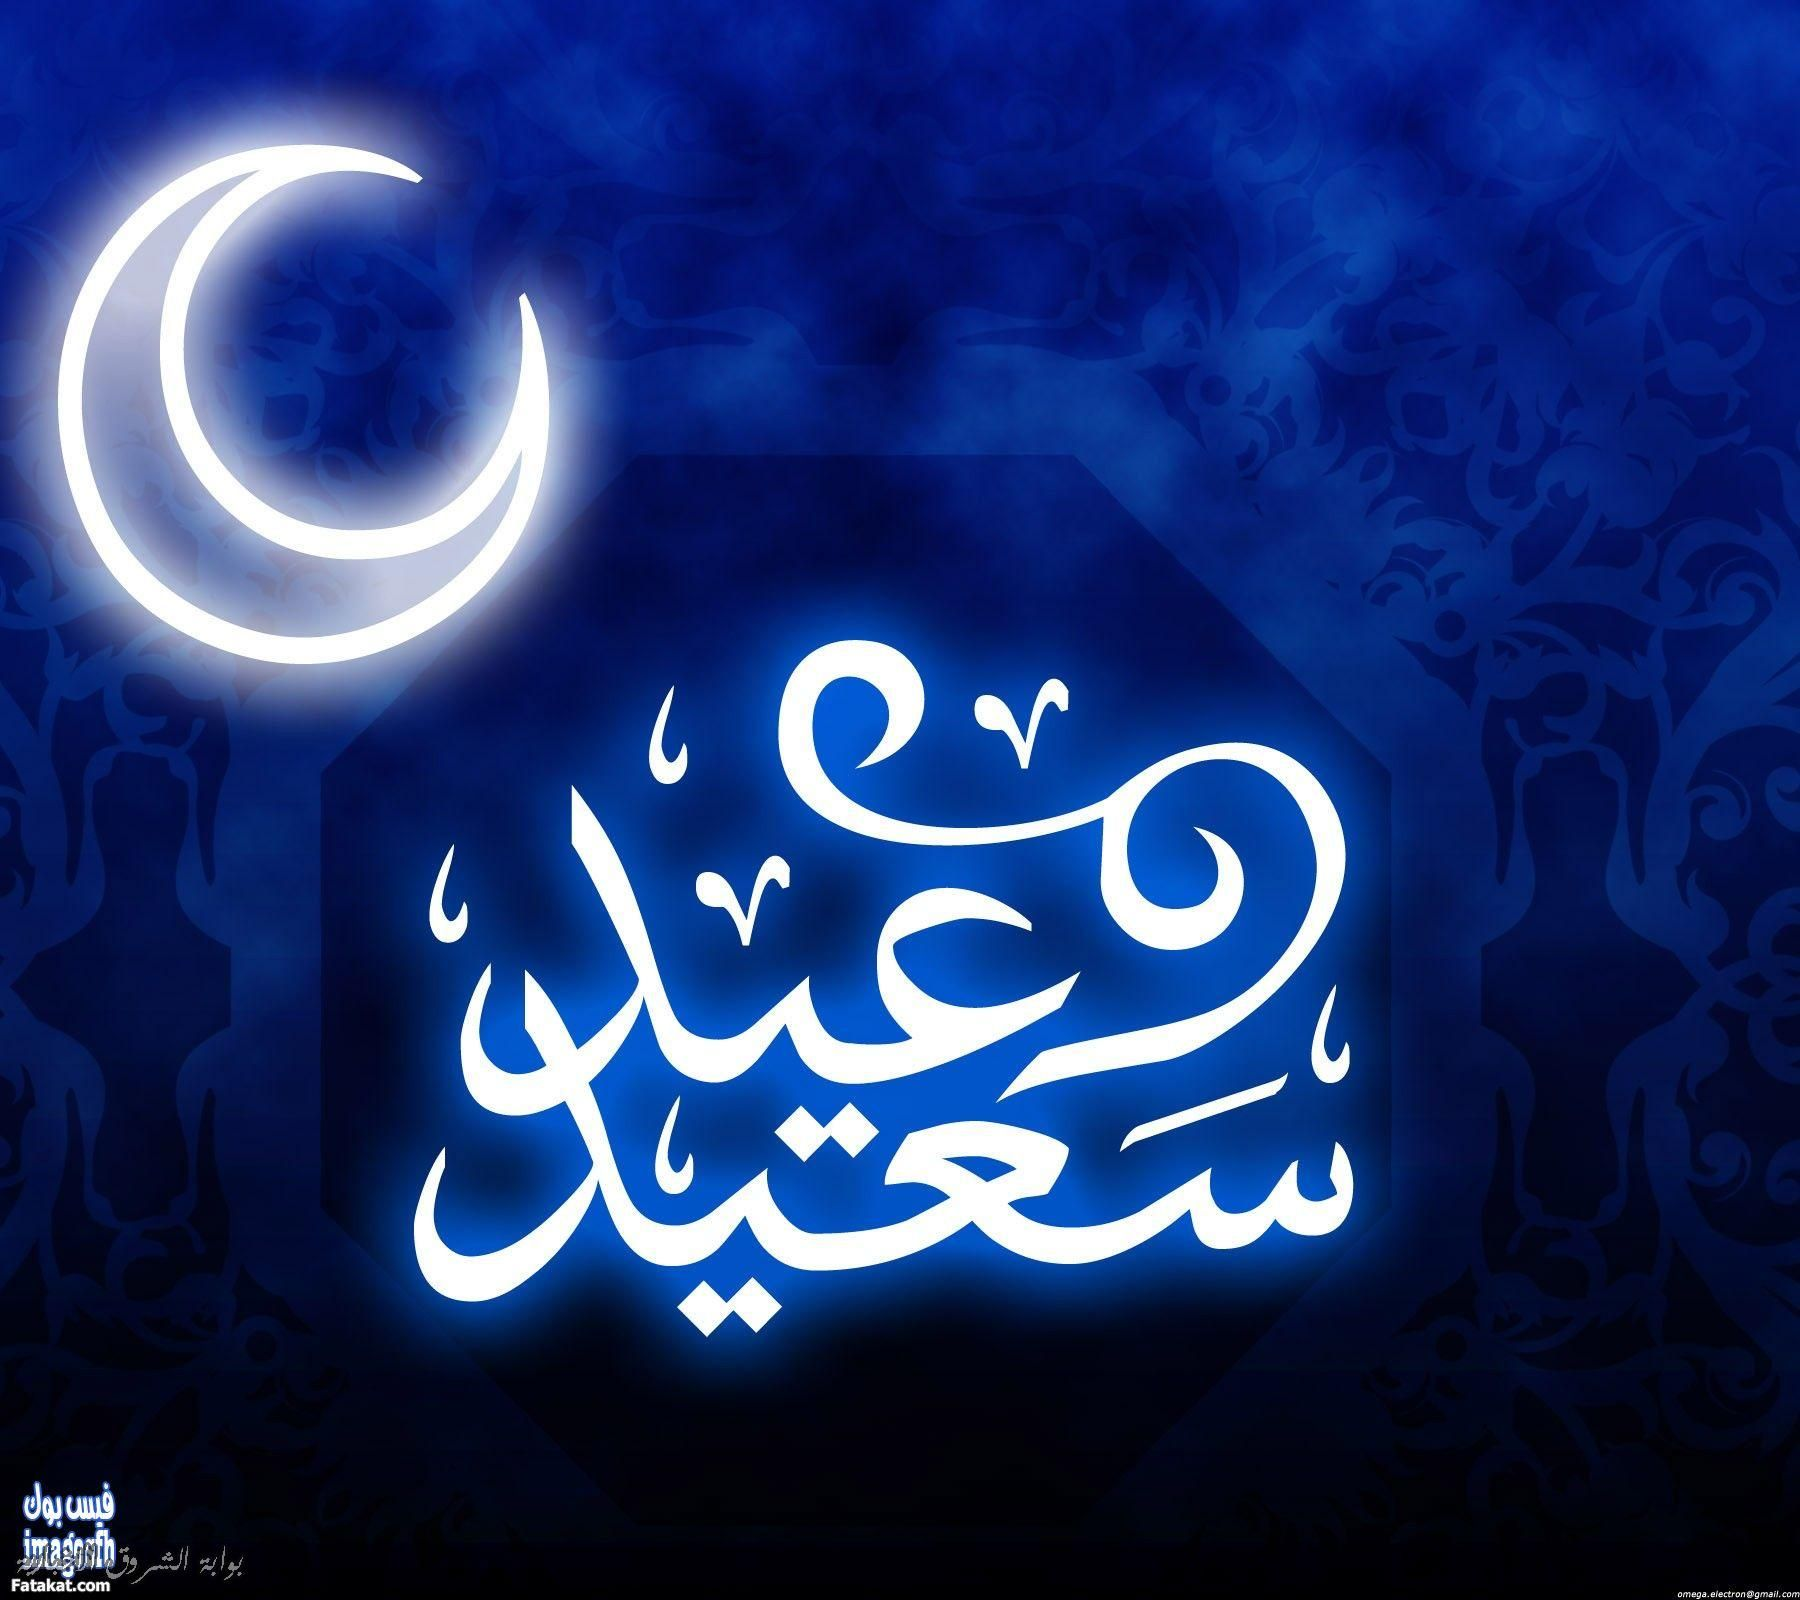 خلفيات متحركه بمناسبه عيد الفطر 2016 اجمل الخلفيات المتحركه لعيد الفطر المبارك 1437 Neon Signs Ramadan Islamic Art